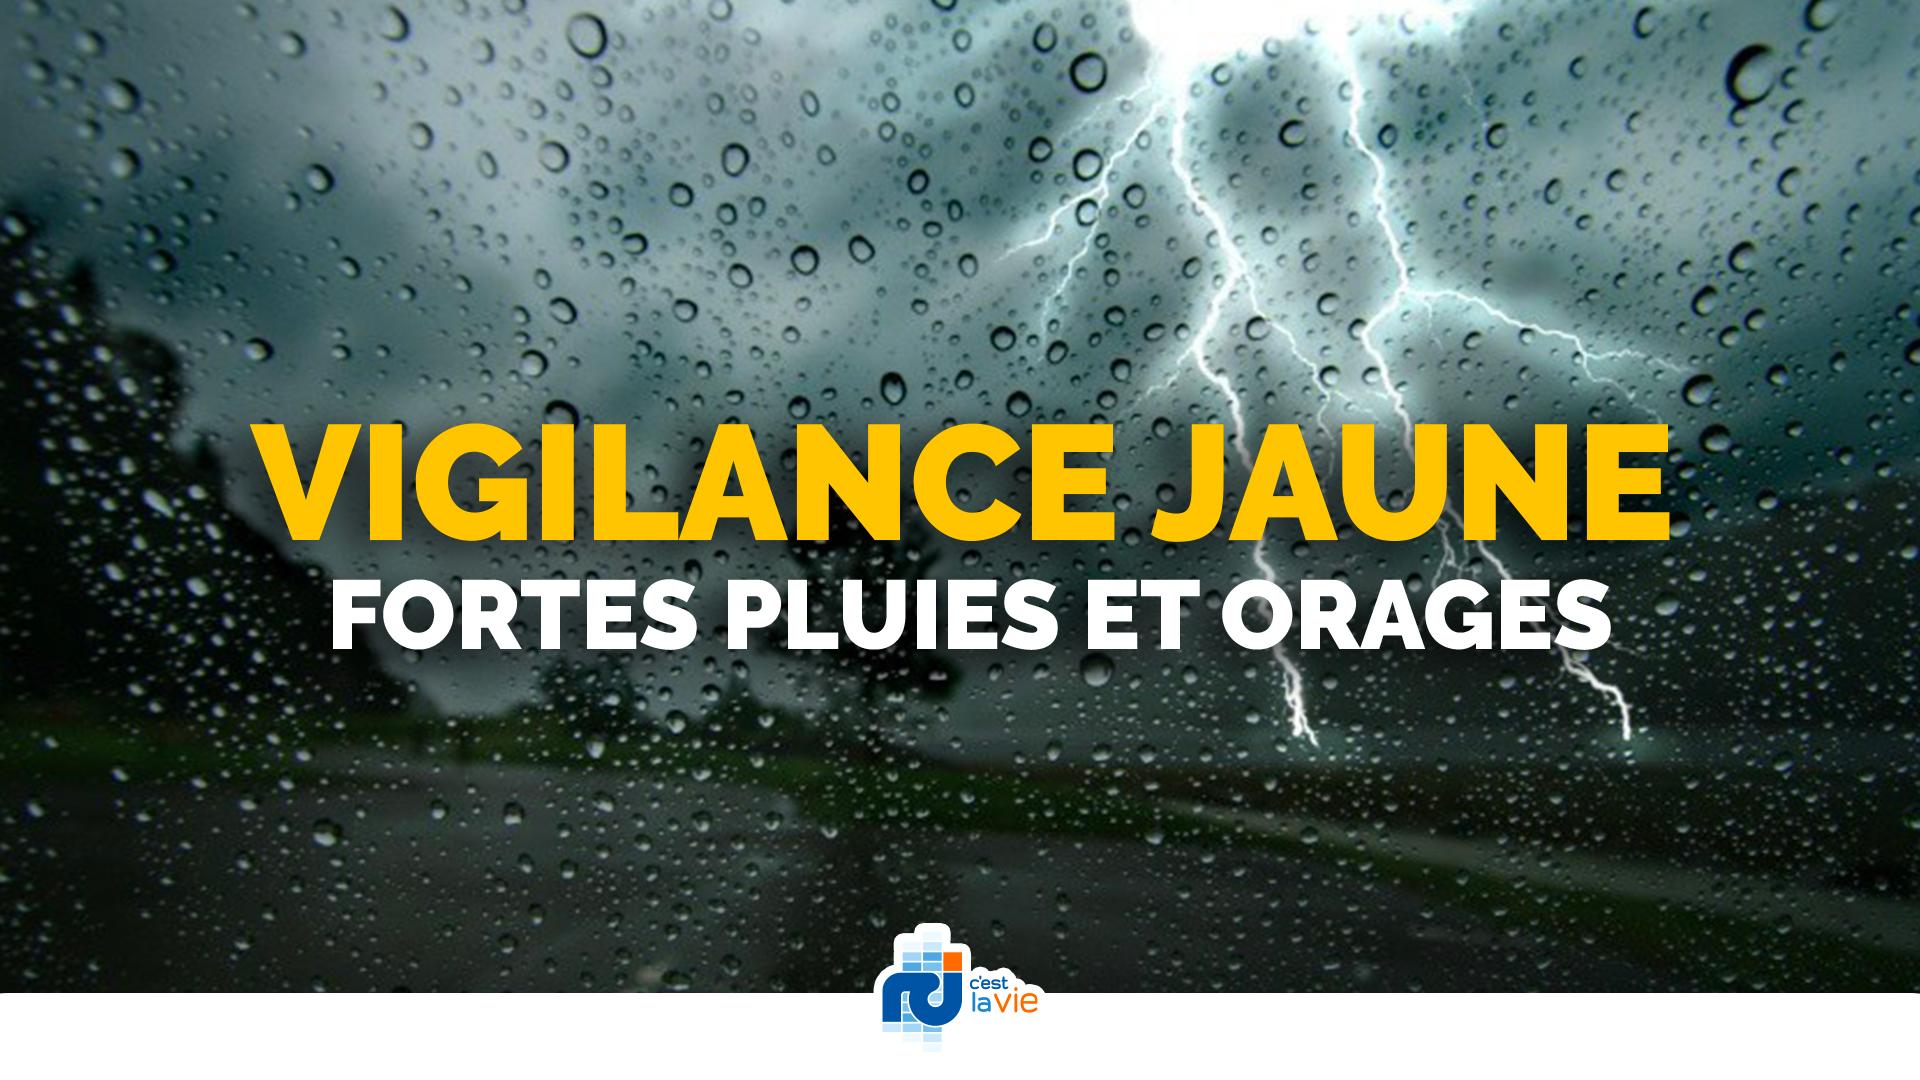 Vigilance jaune pour fortes pluies et orages